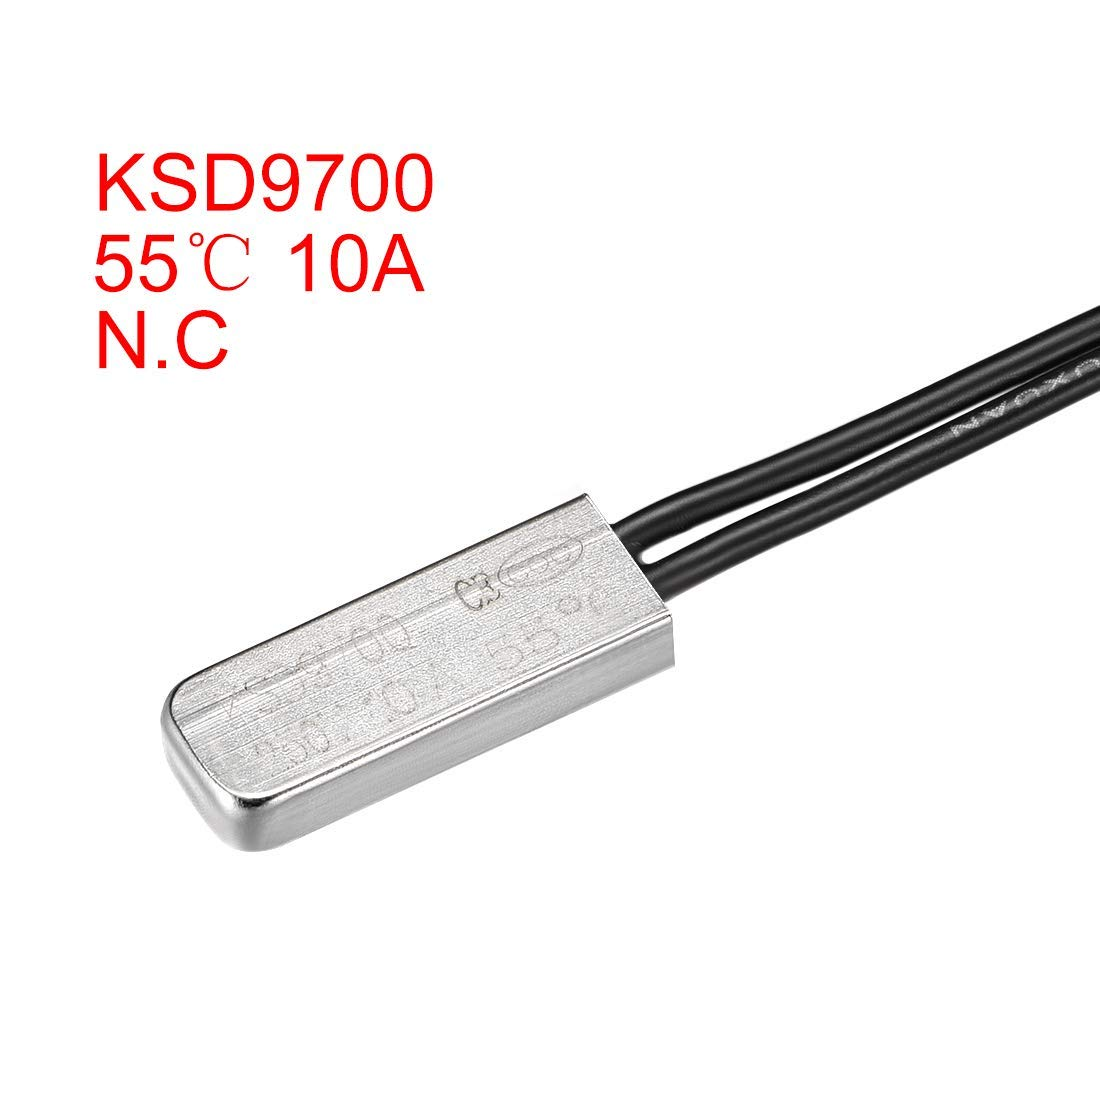 KSD9700 Termostato N.C 10 A interruptor t/érmico metal bimetal 2 unidades controlador de temperatura 55 /°C Normalmente cerrar interruptor t/érmico